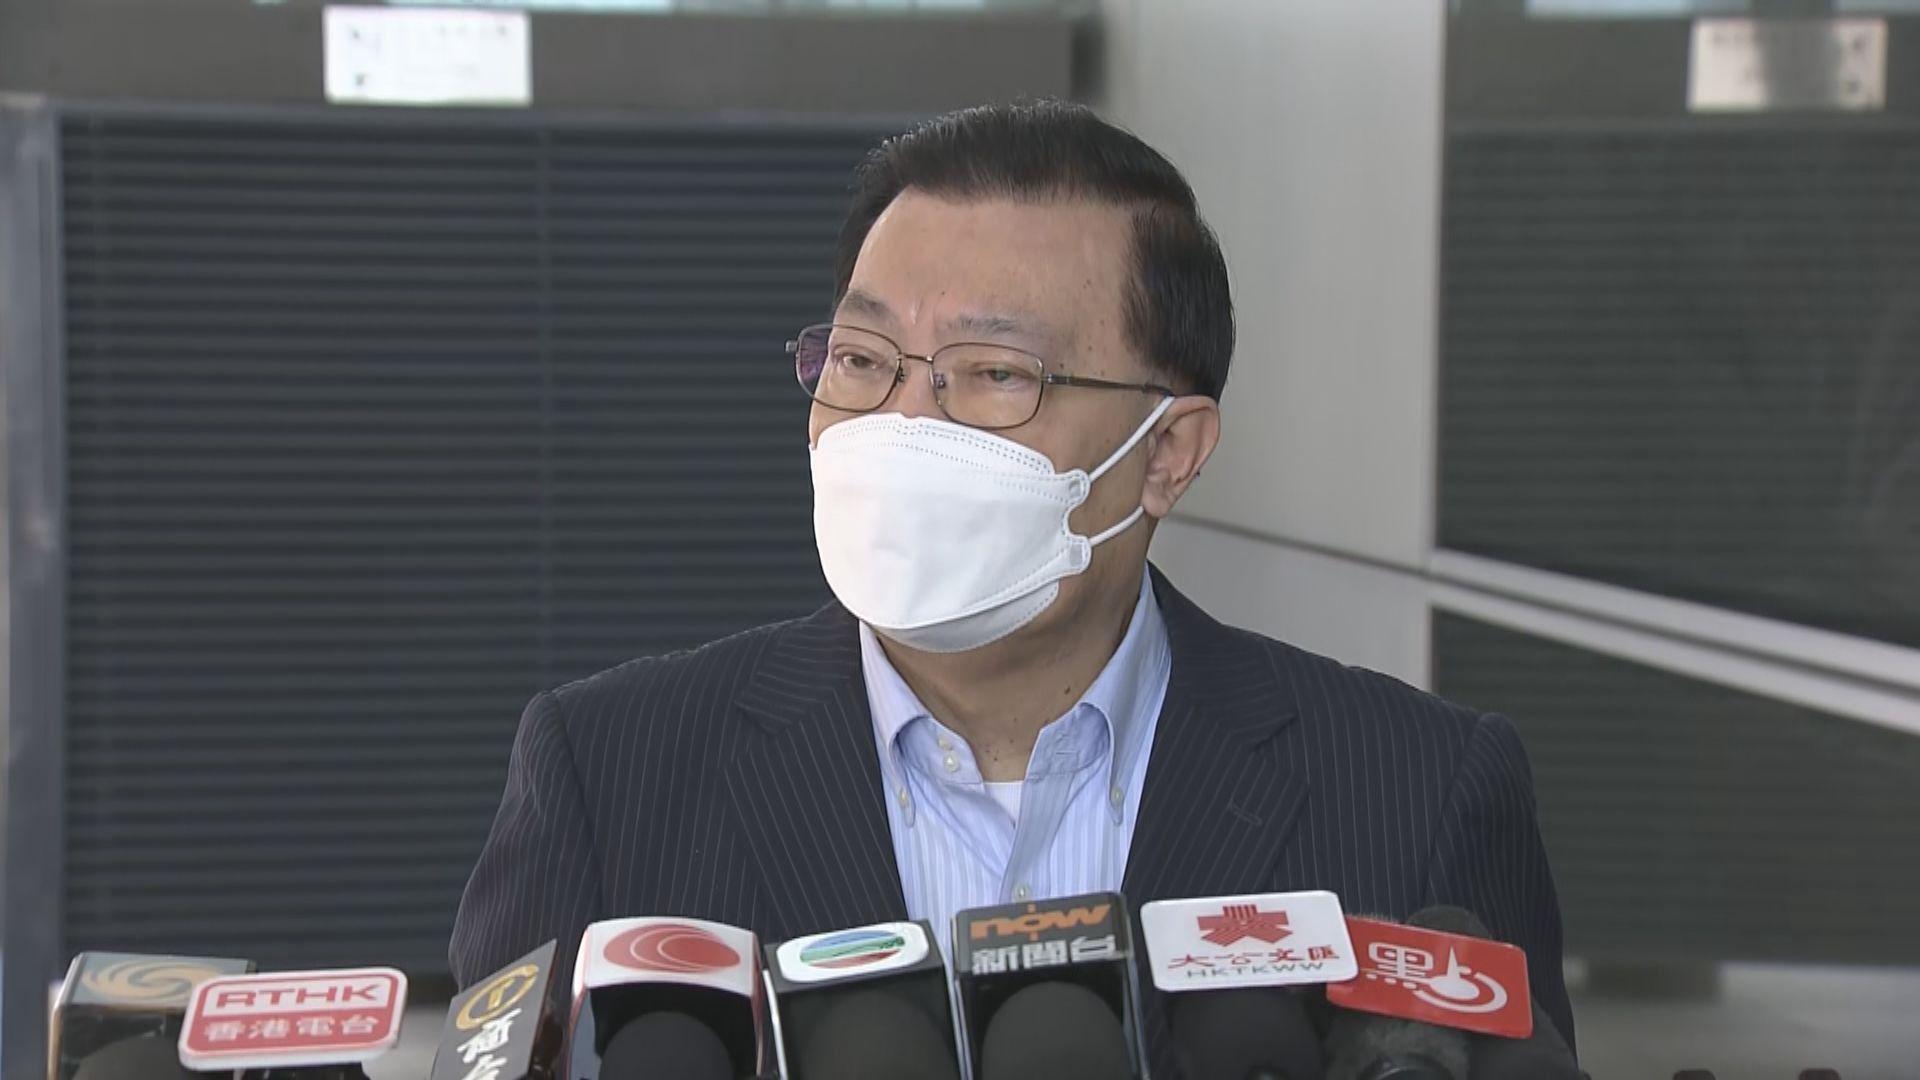 譚耀宗:人大常委或周二表決修改香港選舉制度